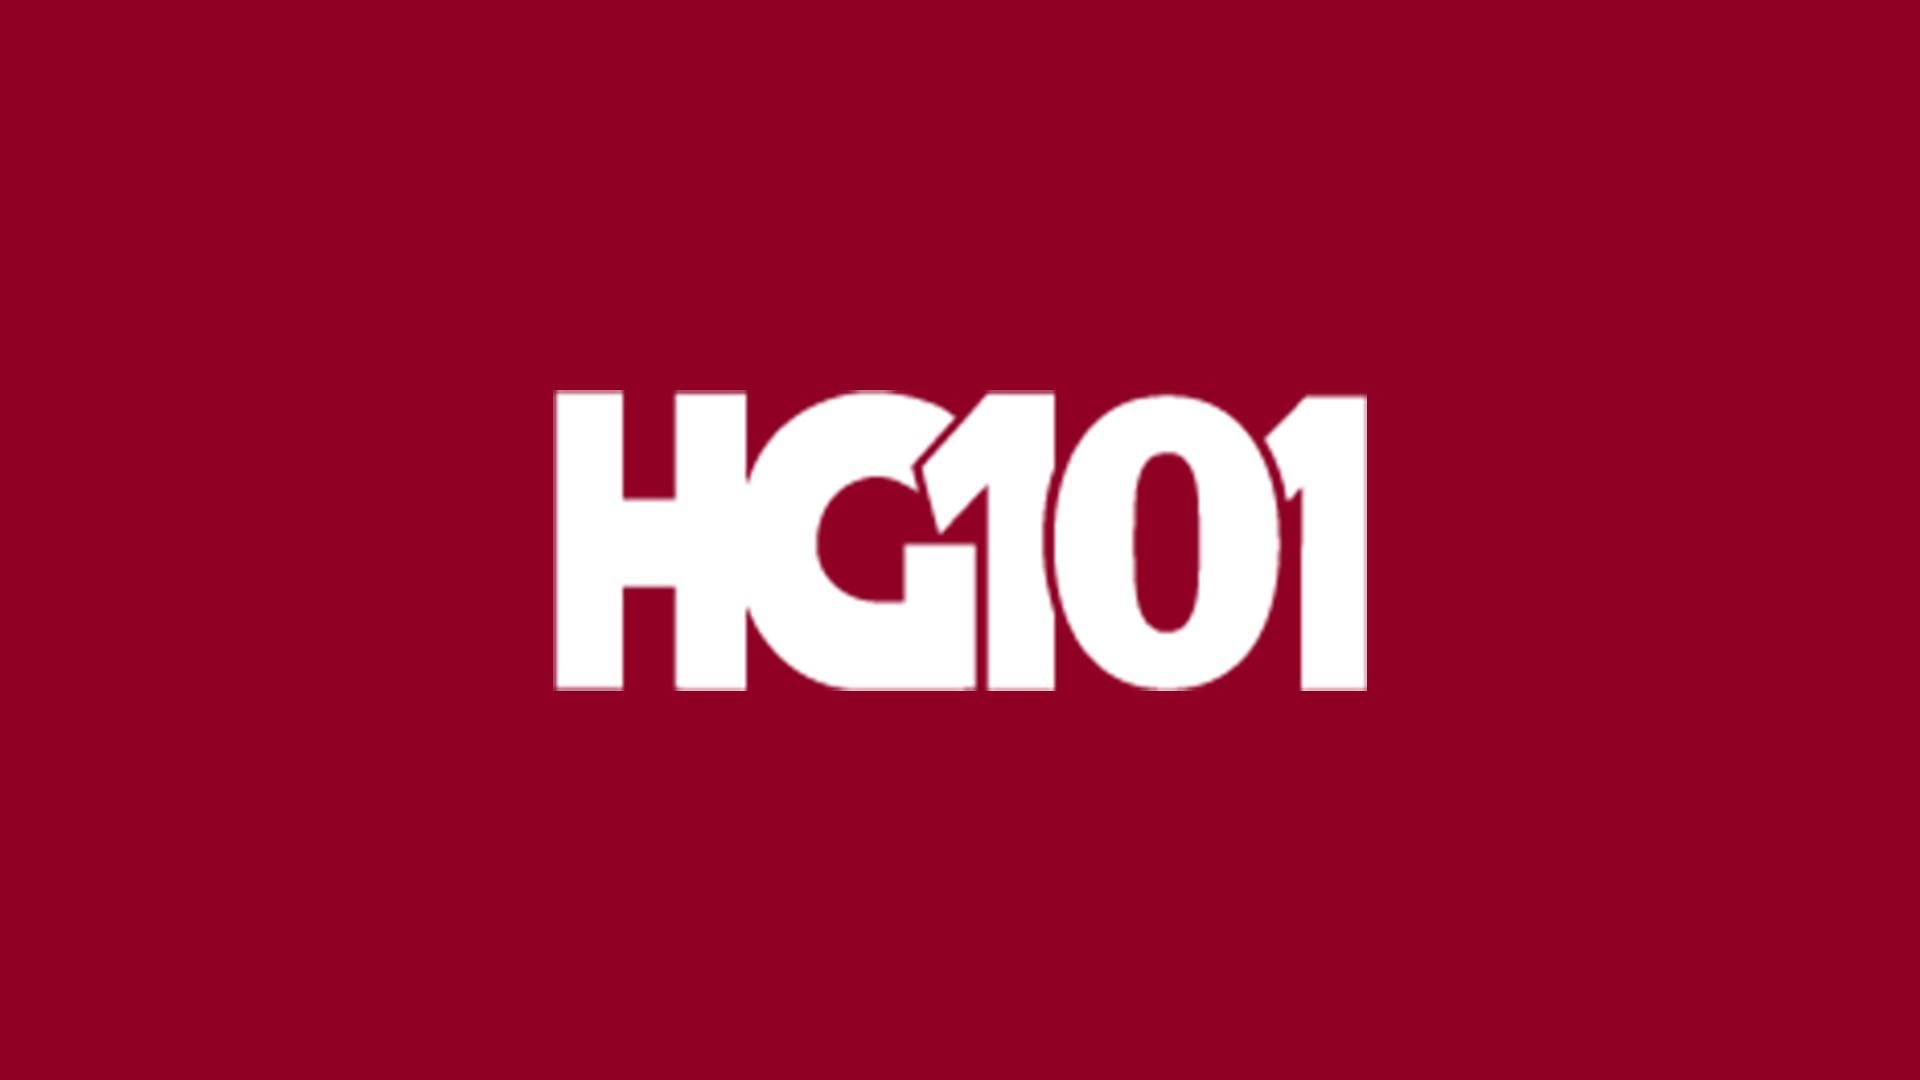 HG101-logo